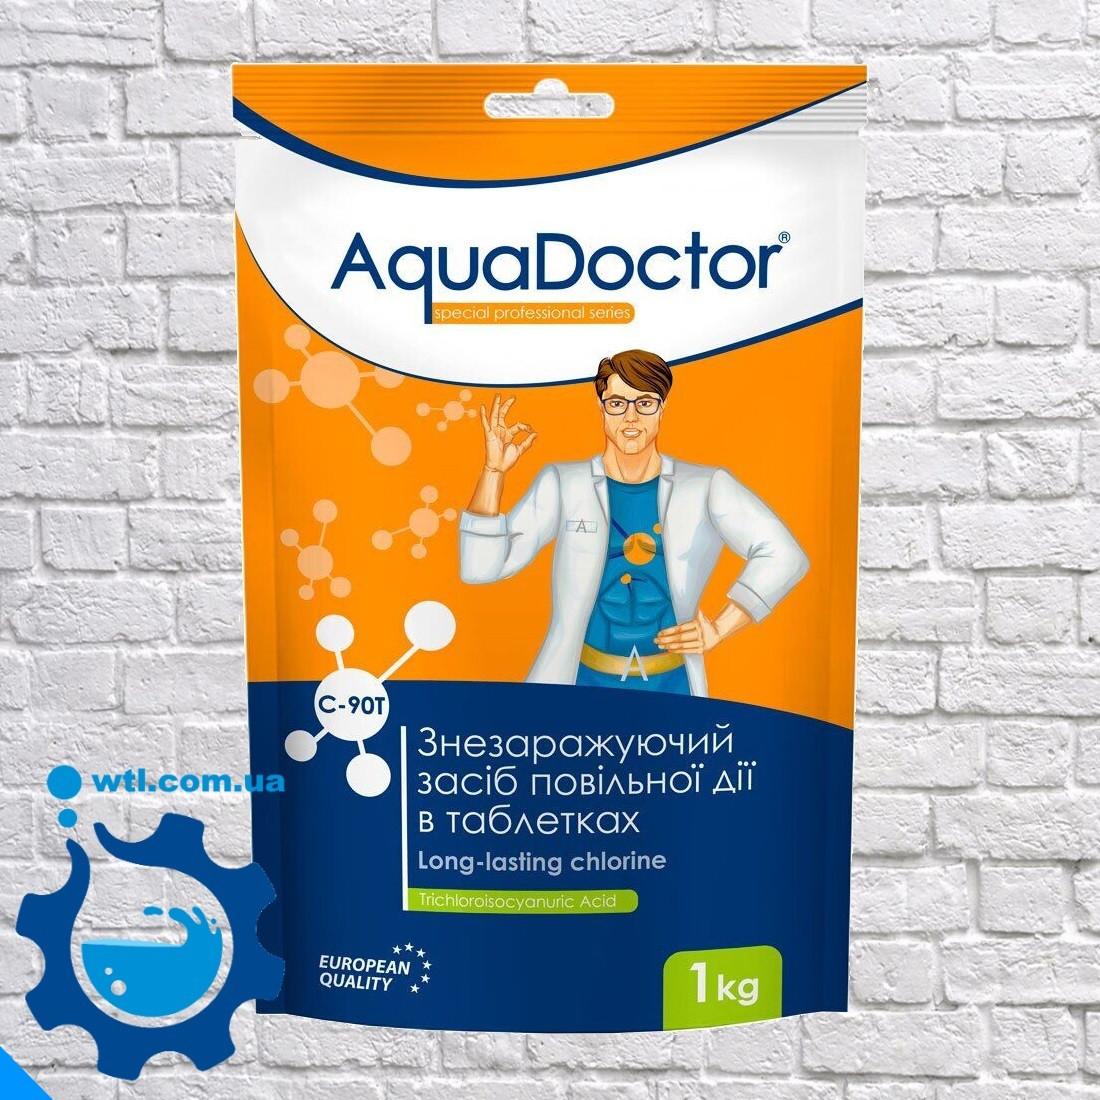 Медленный (длительный) хлор для бассейна Aquadoctor C-90T 1 кг в больших таблетках Аквадоктор